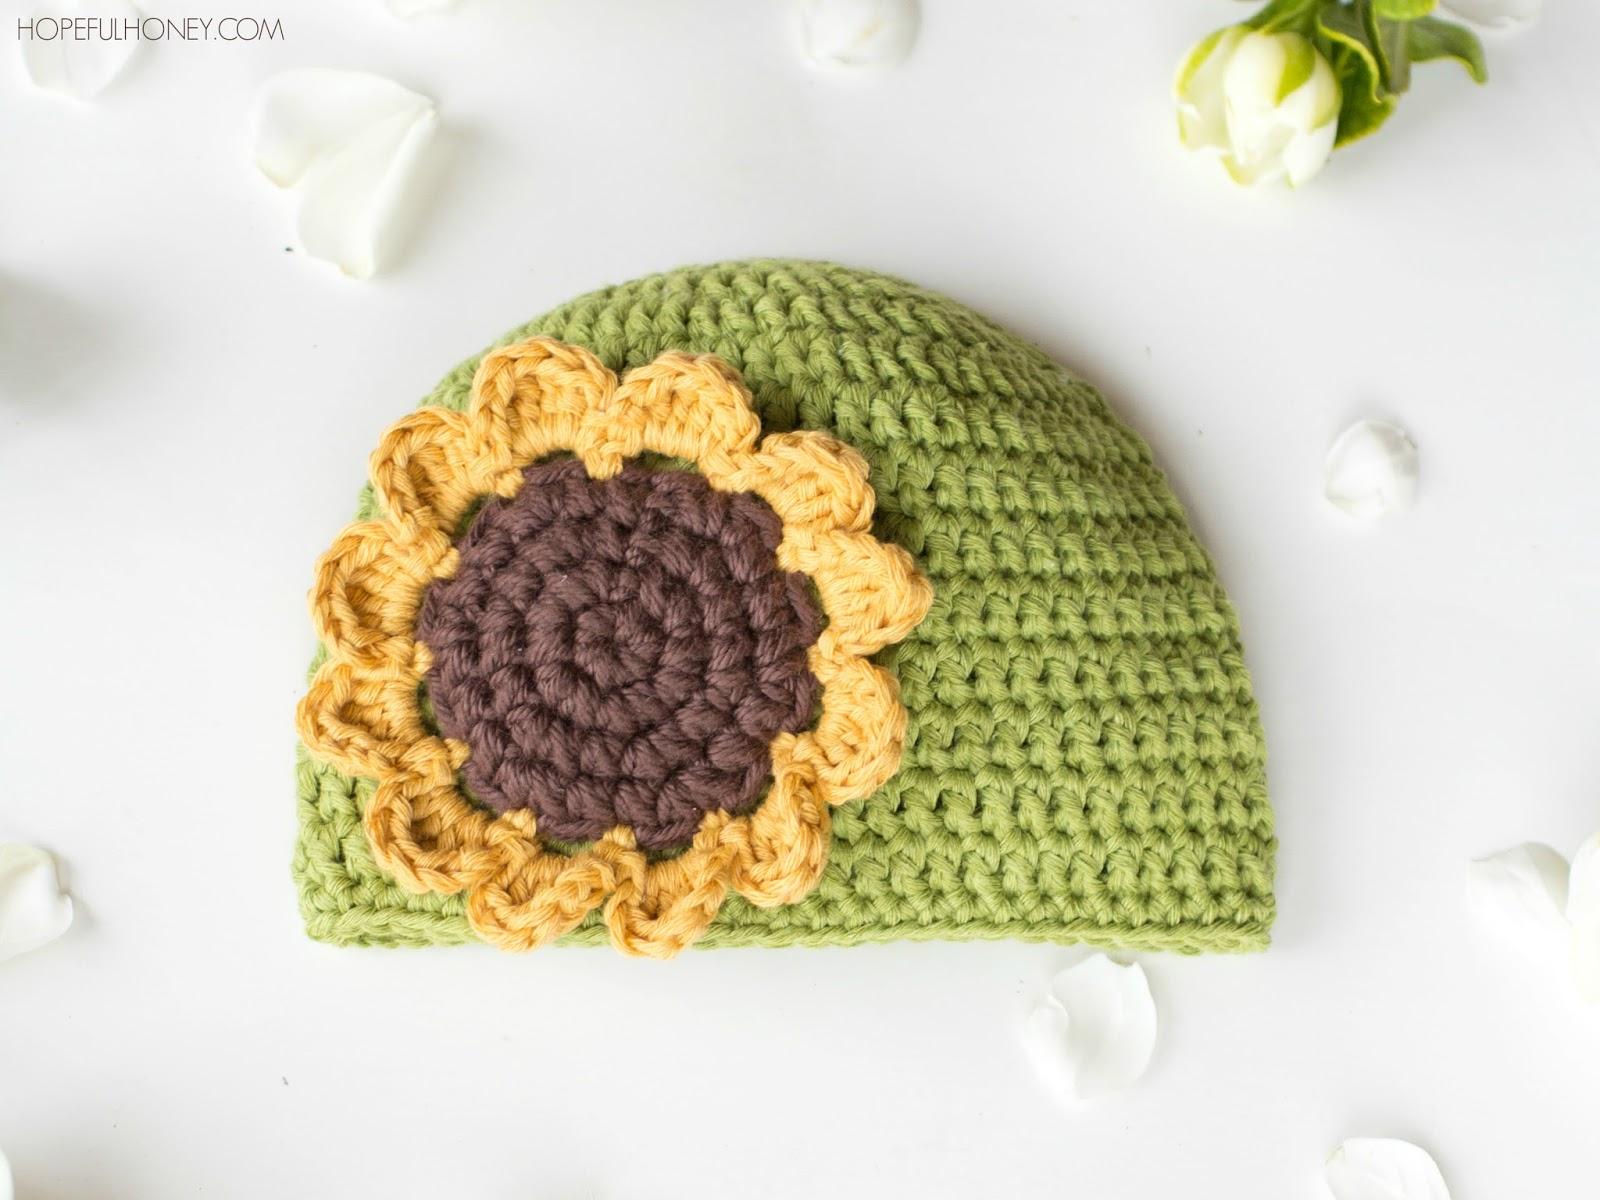 Sunflower Crochet Baby Hat Pattern : Hopeful Honey Craft, Crochet, Create: Sunflower Baby Hat ...